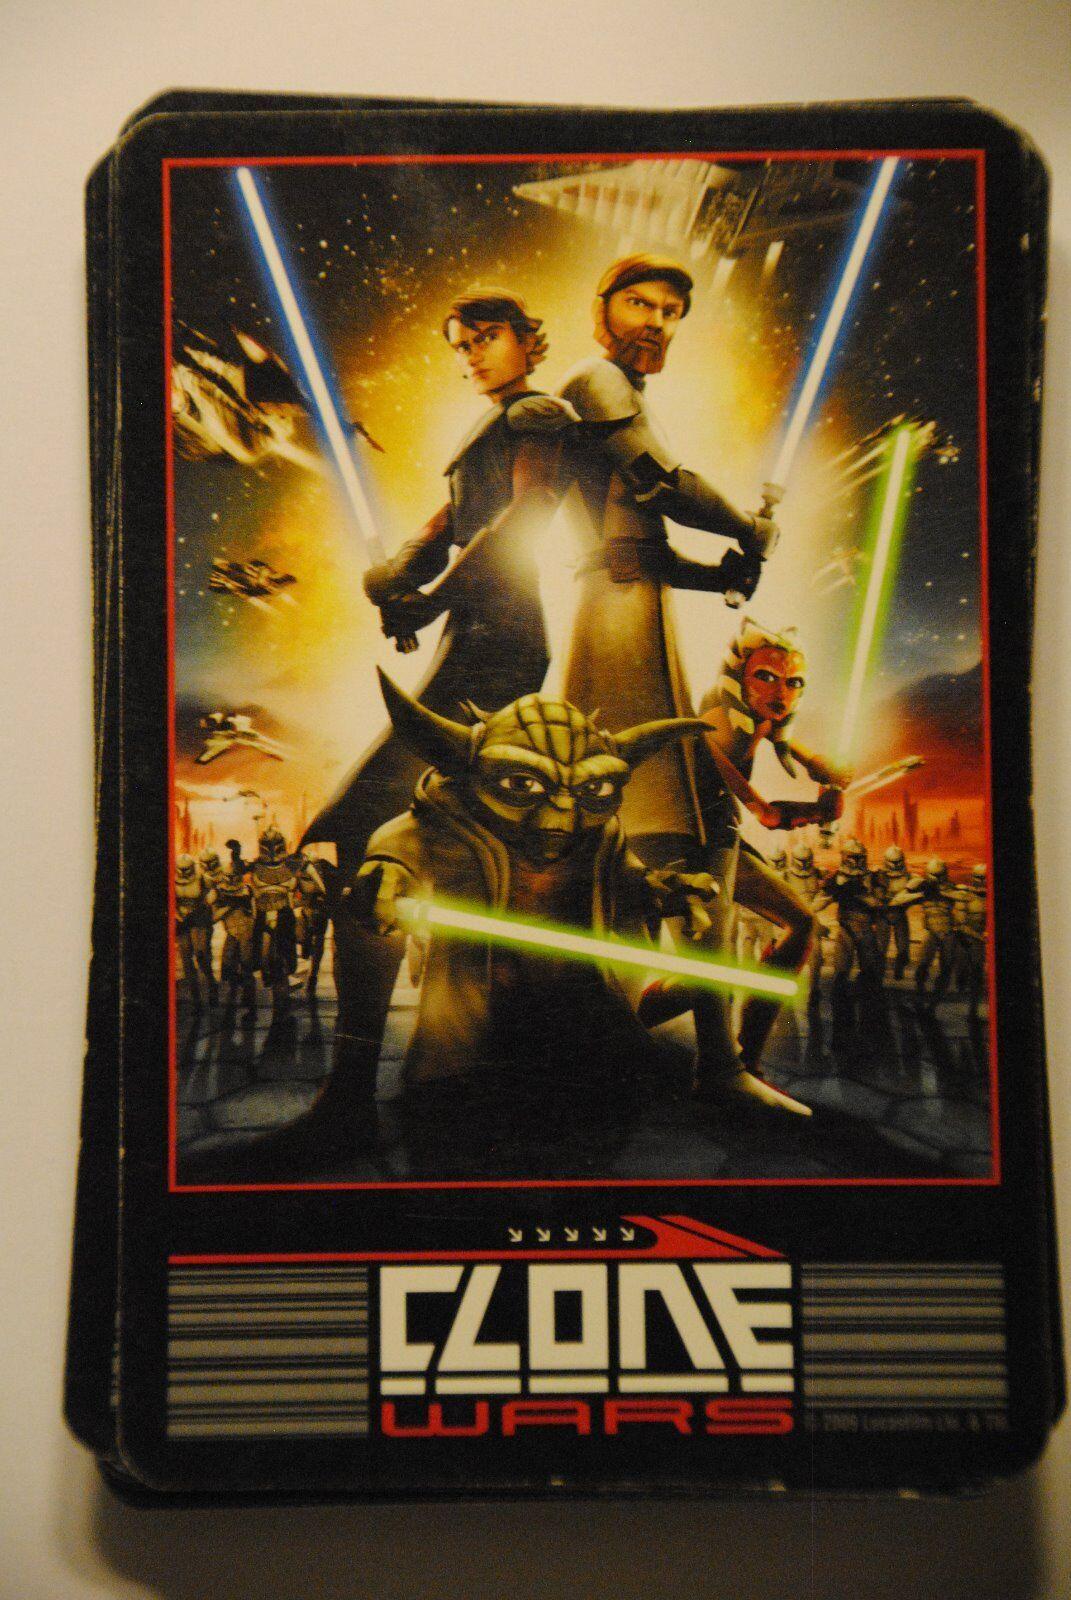 Das Star Wars The Clone Wars 3-Card Match Game Cartamundi Kinder Kartenspiel